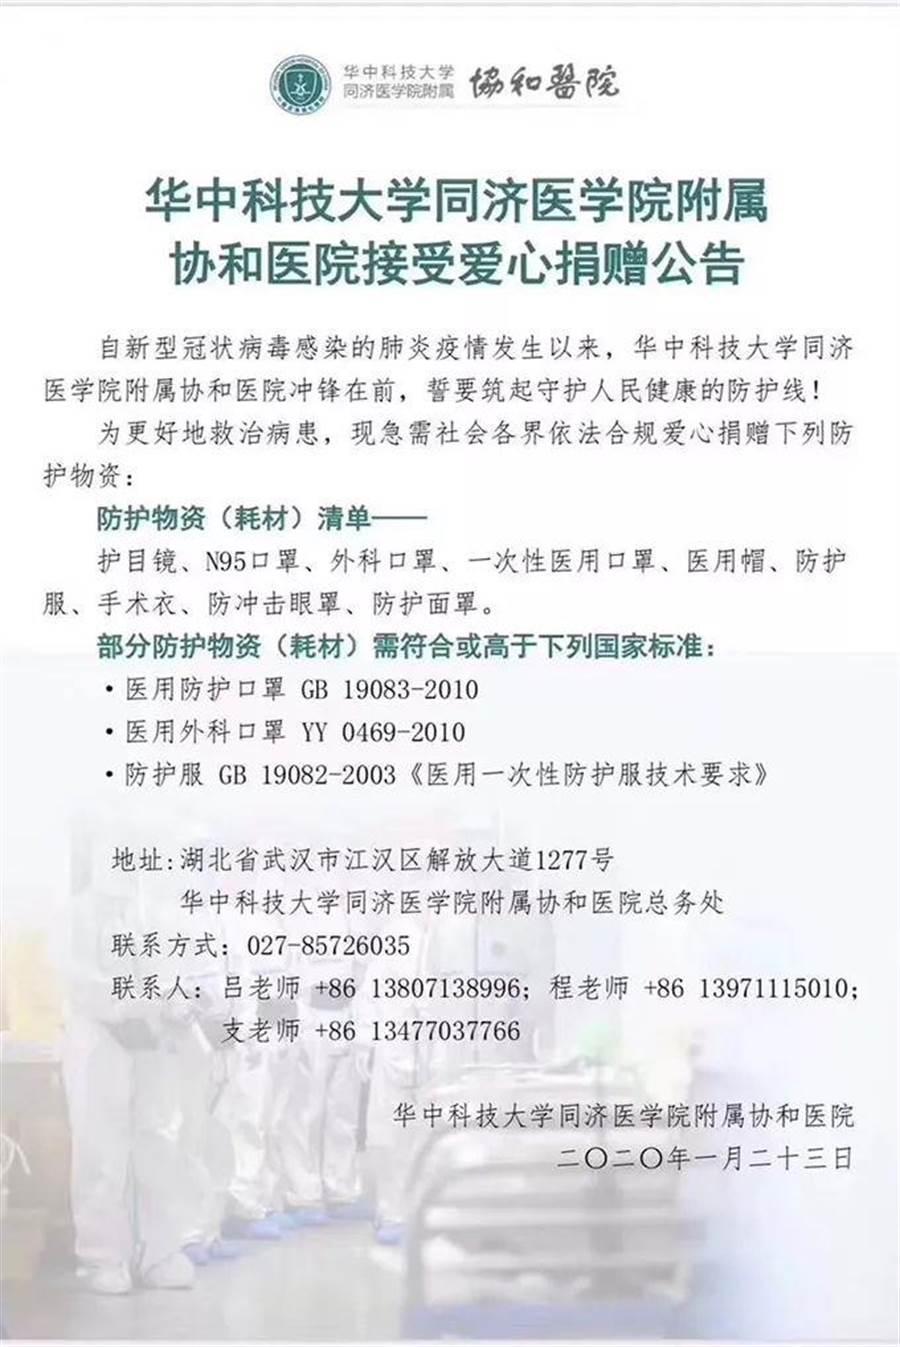 武漢多家醫院相繼發出公告,向社會各界徵集防護醫材。(醫院官網截圖)